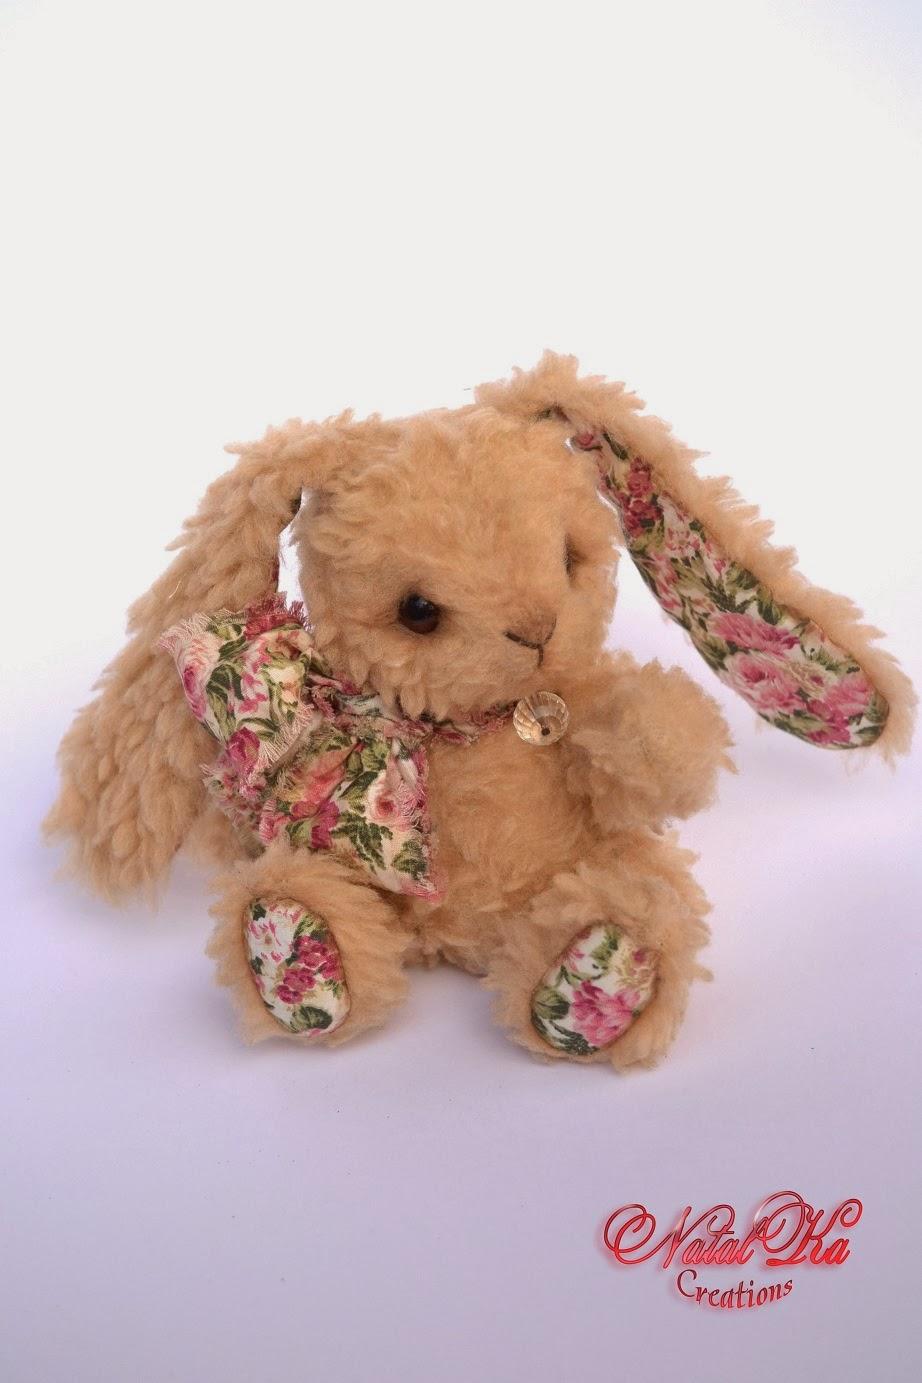 Künstler Teddy Hase handgemacht von NatalKa Creations. Artist teddy bunny handmade by NatalKa Creations